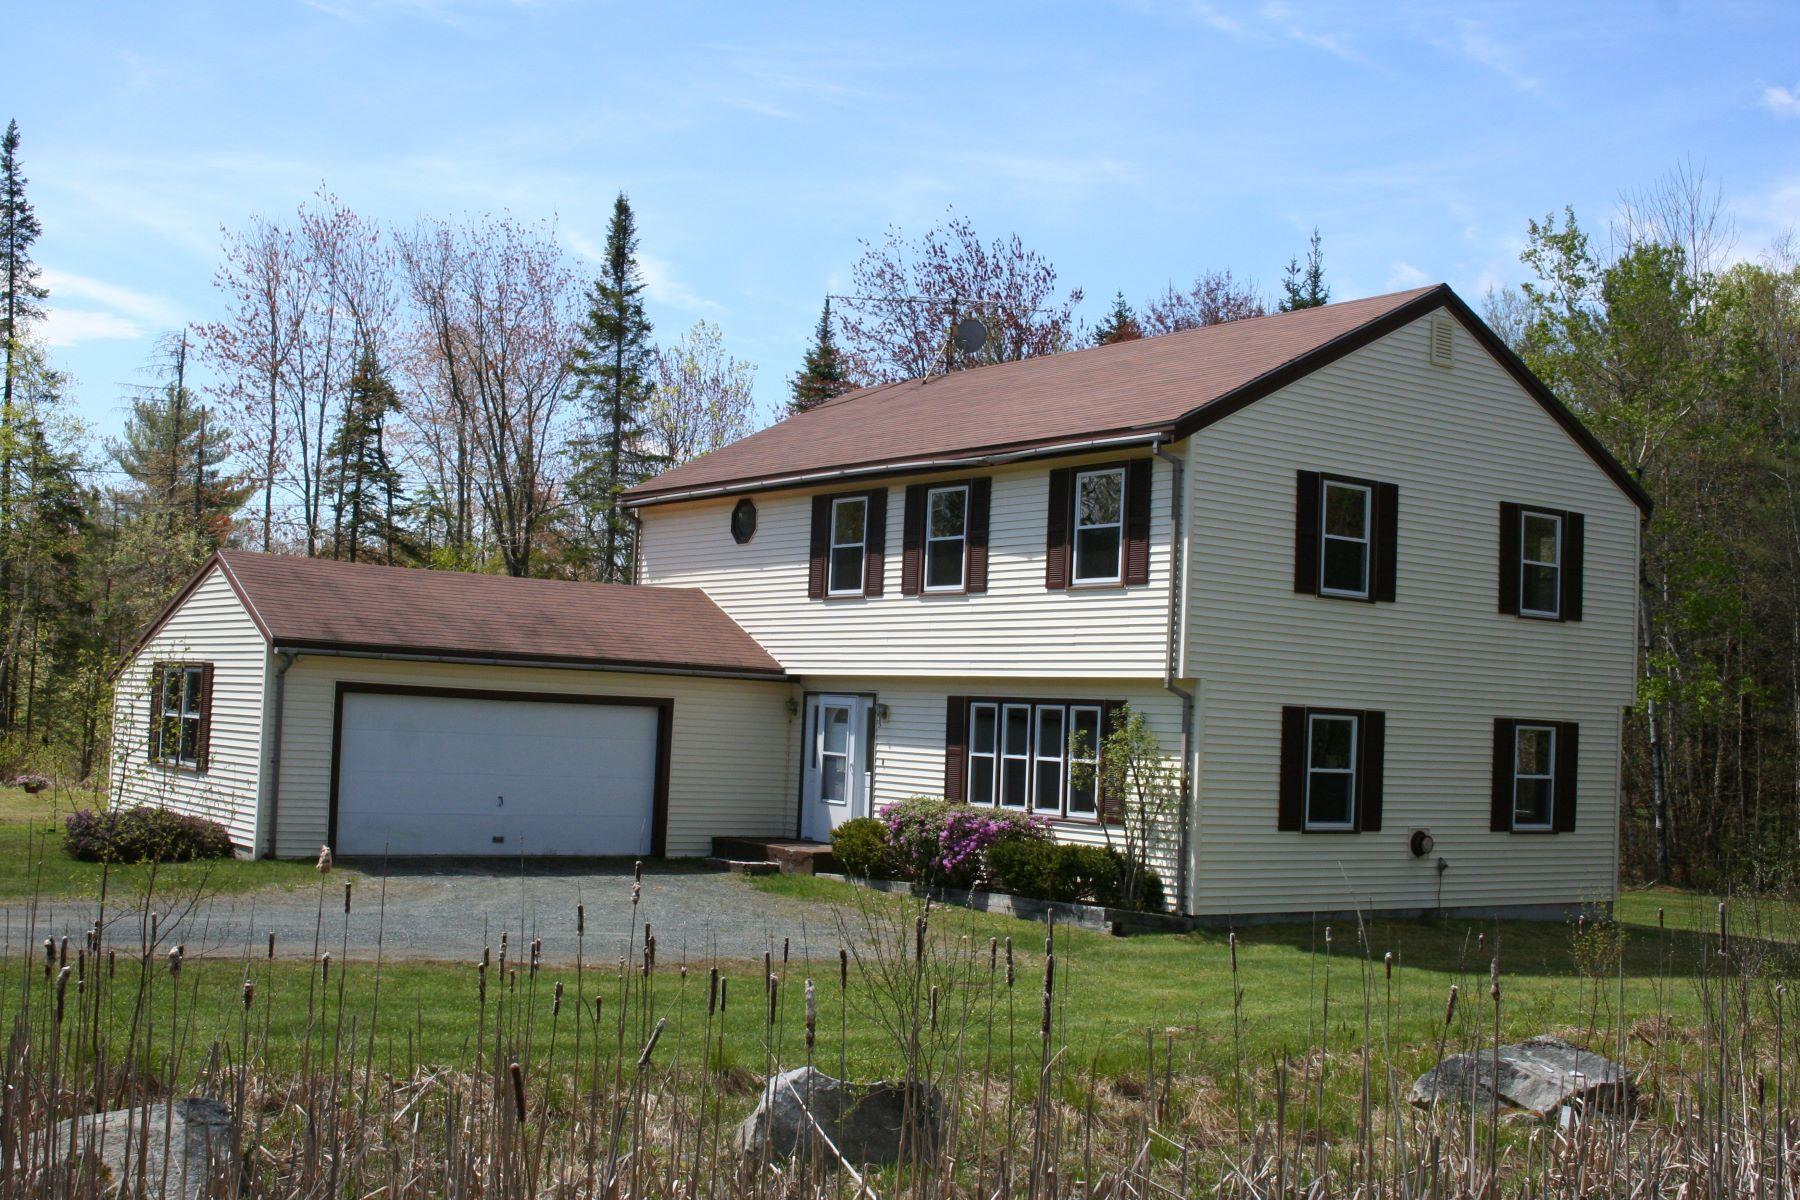 Moradia para Venda às 45 Old County Road South, Newbury Newbury, New Hampshire, 03255 Estados Unidos